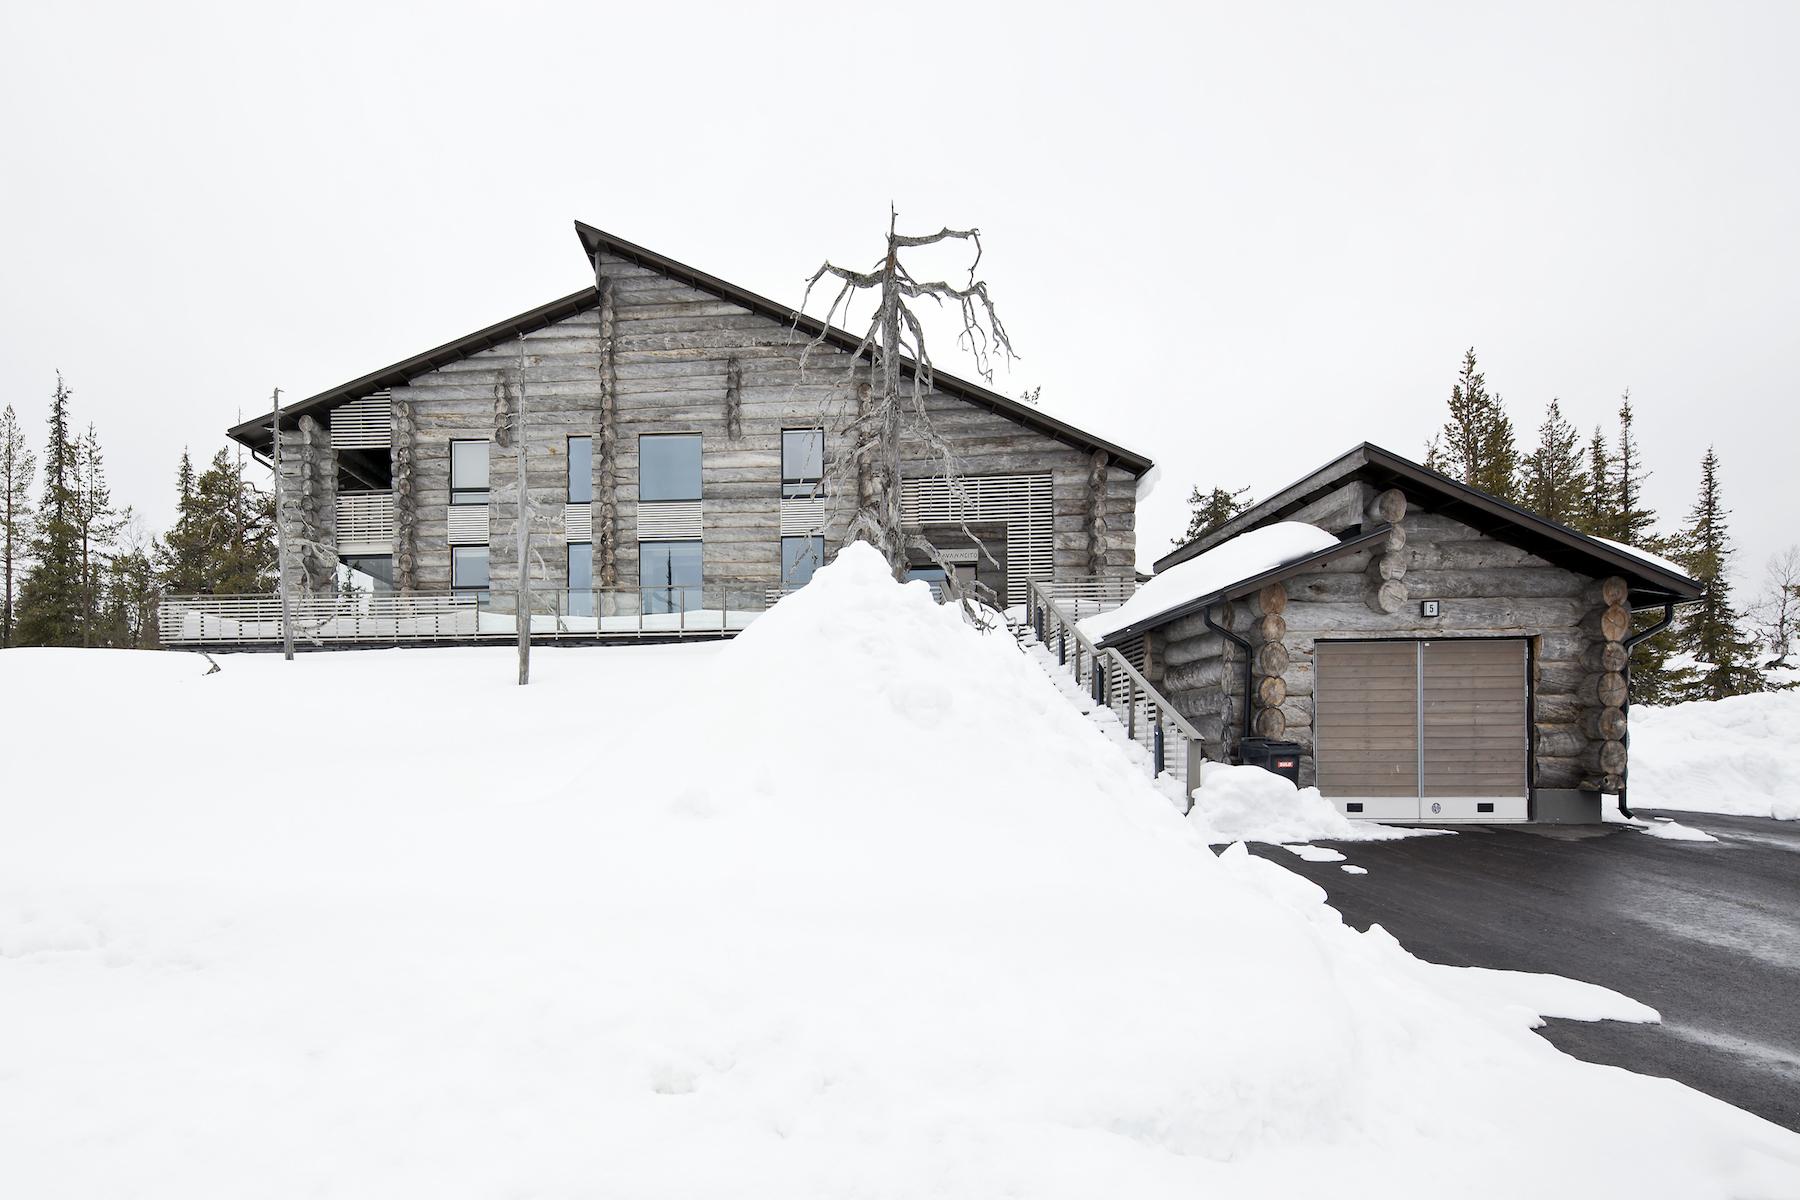 一戸建て のために 売買 アット Incredible ski villa in Levi Utsunkutsu 5 Other Cities In Finland, Cities In Finland, 99130 Finland